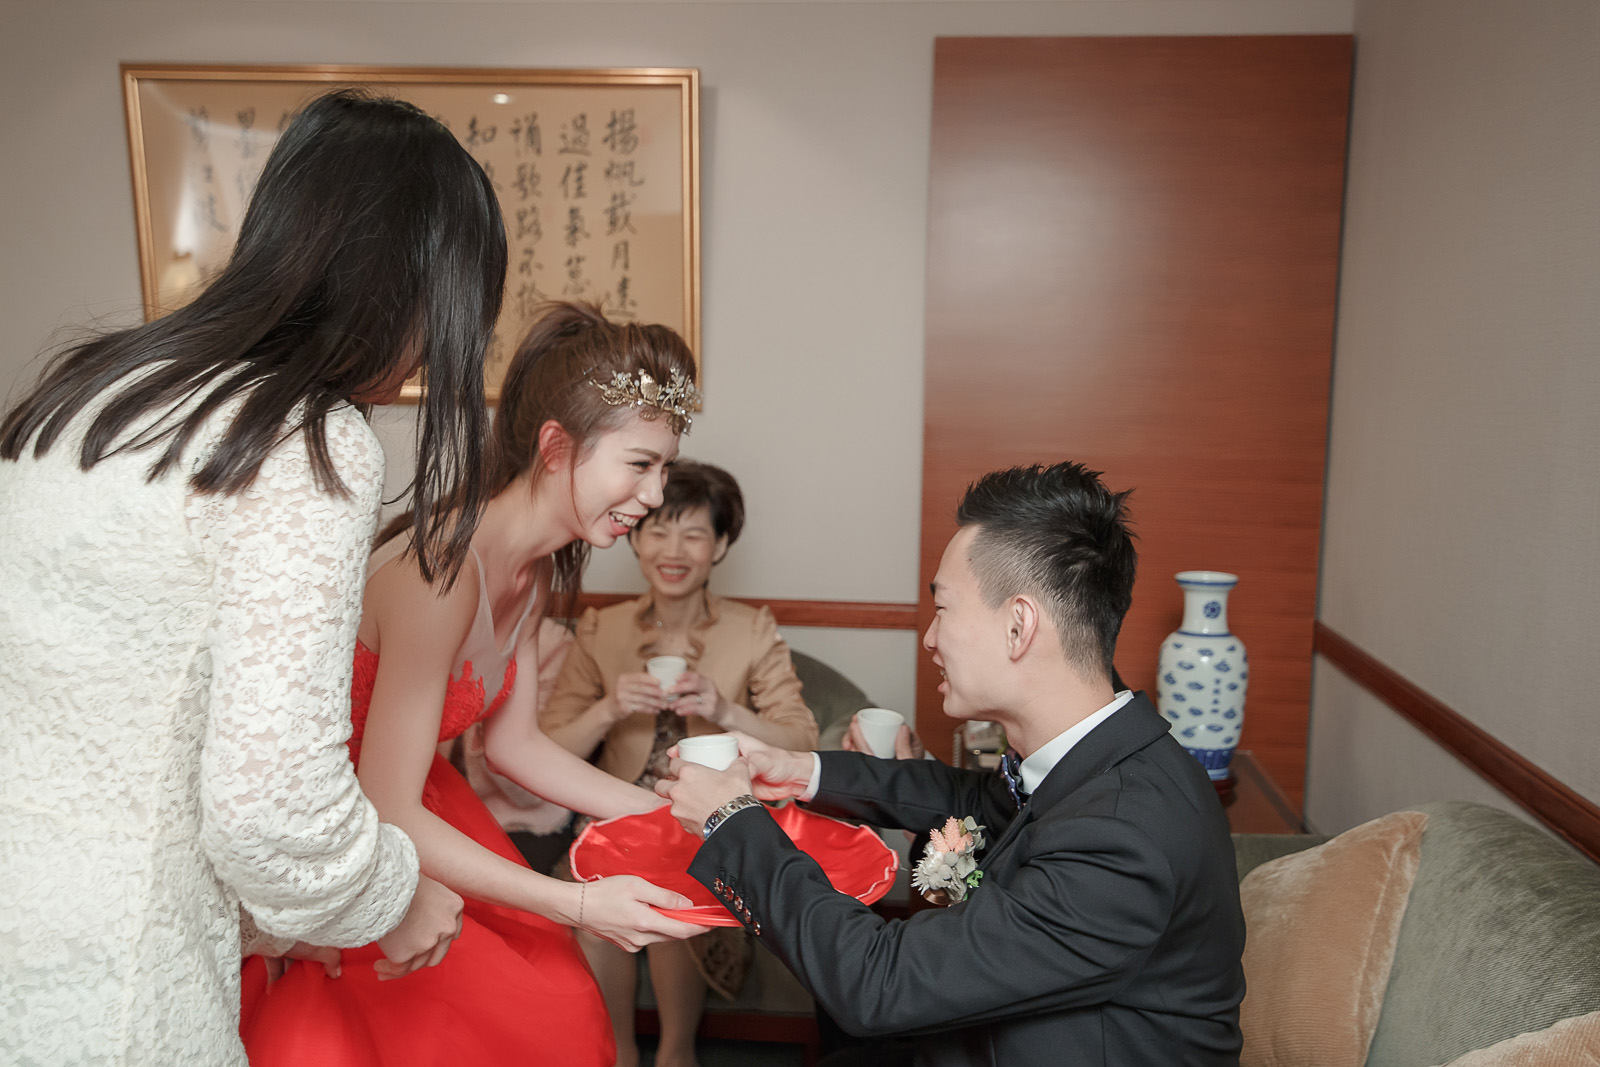 高雄圓山飯店,婚禮攝影,婚攝,高雄婚攝,優質婚攝推薦,Jen&Ethan-022